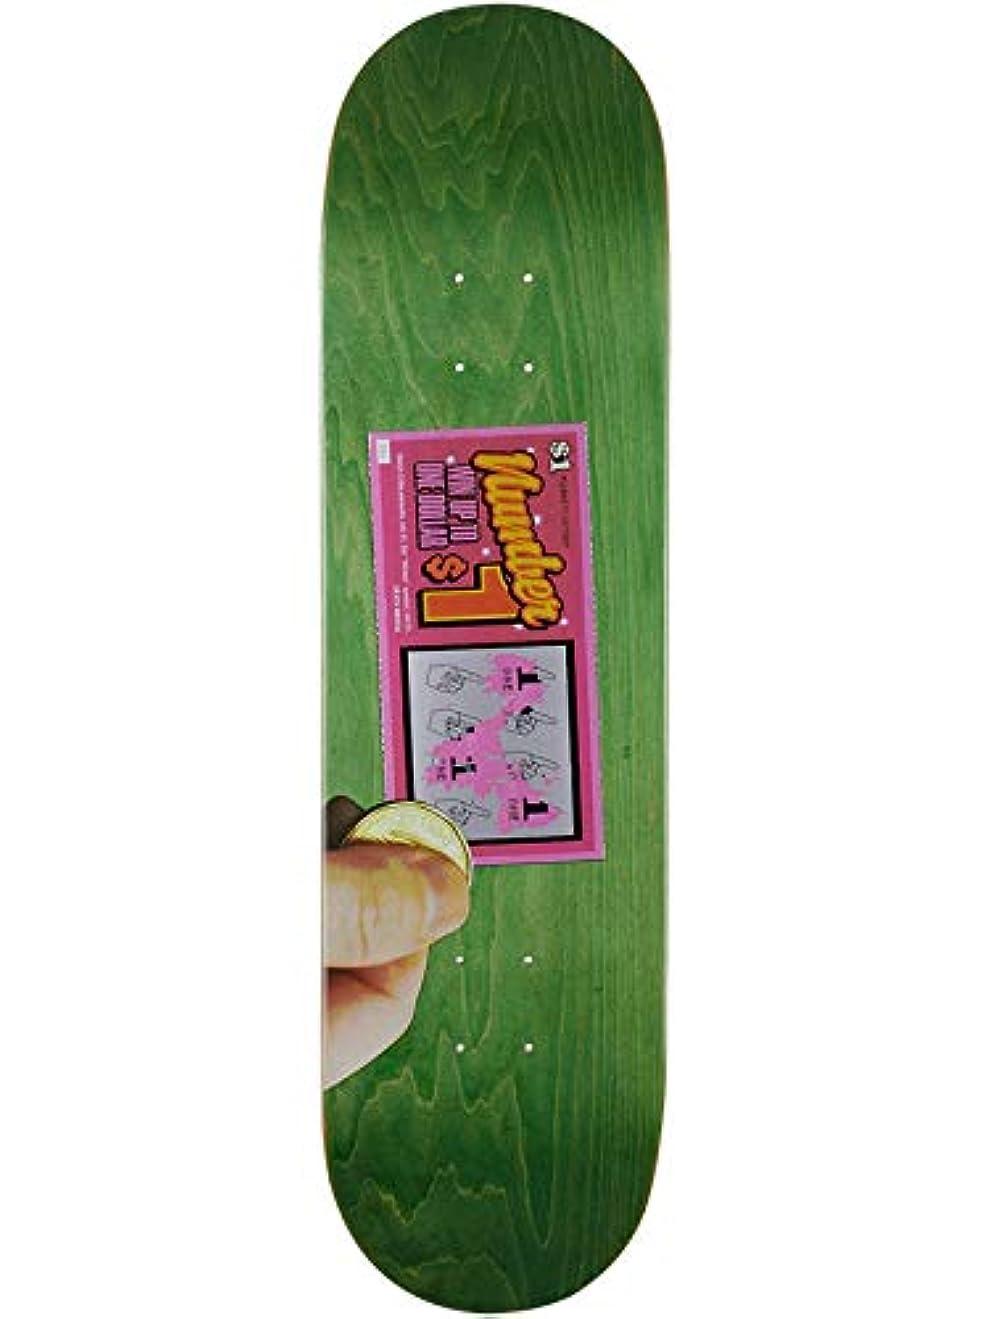 前奏曲取り除く言うSkate Mental Green Plunkett Scratcher 8.25インチ スケートボードデッキ (デフォルト、グリーン)